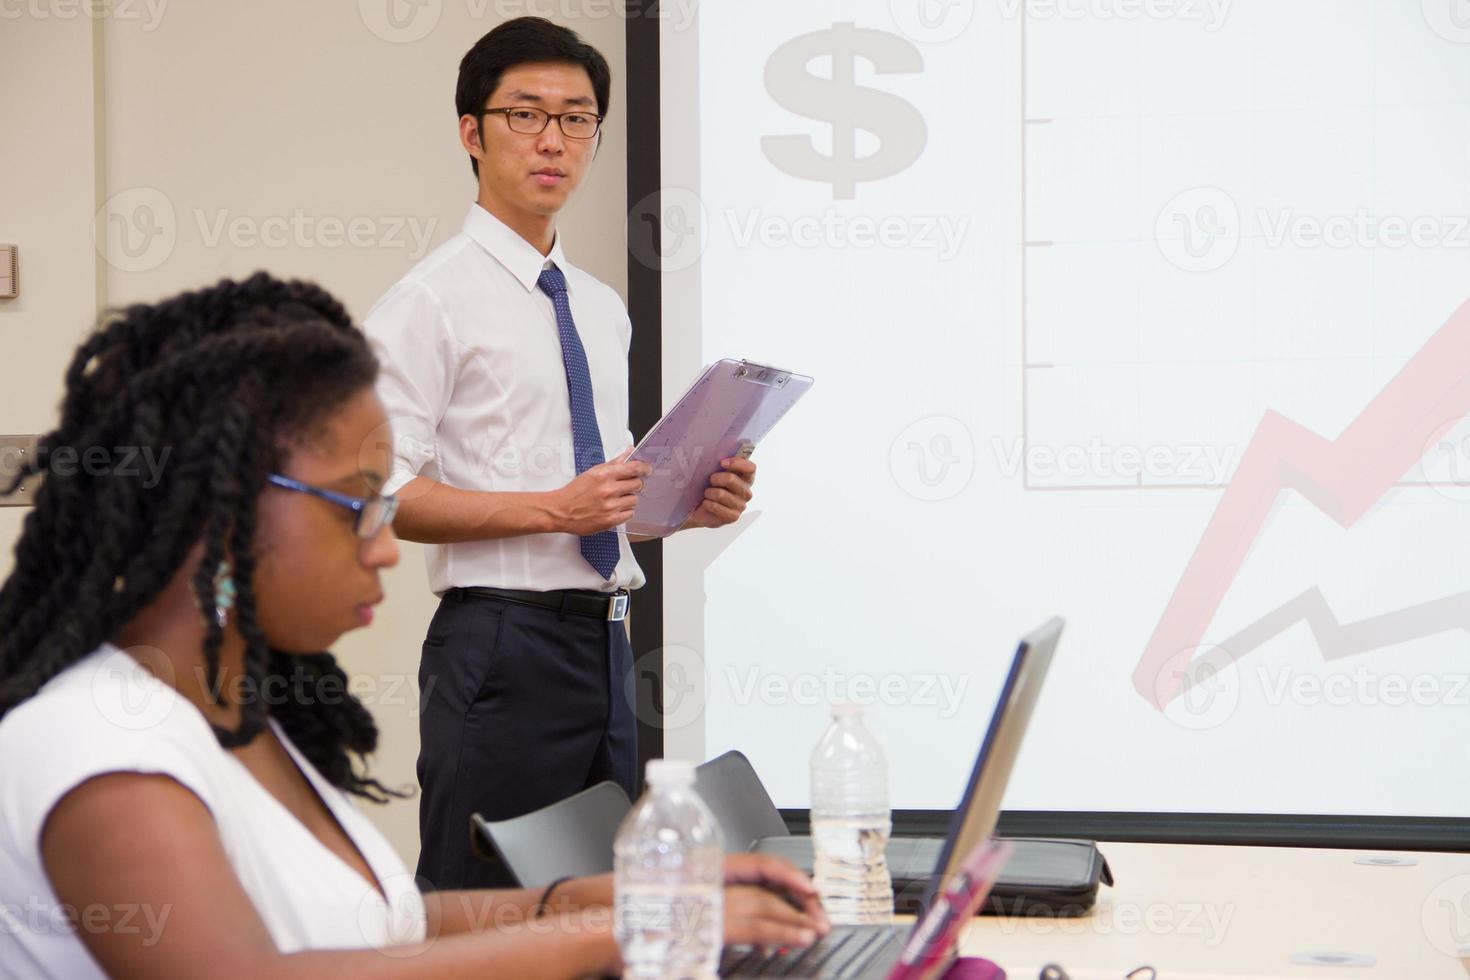 apresentador está apresentando e os alunos estão trabalhando em sala de aula estilo internacional foto